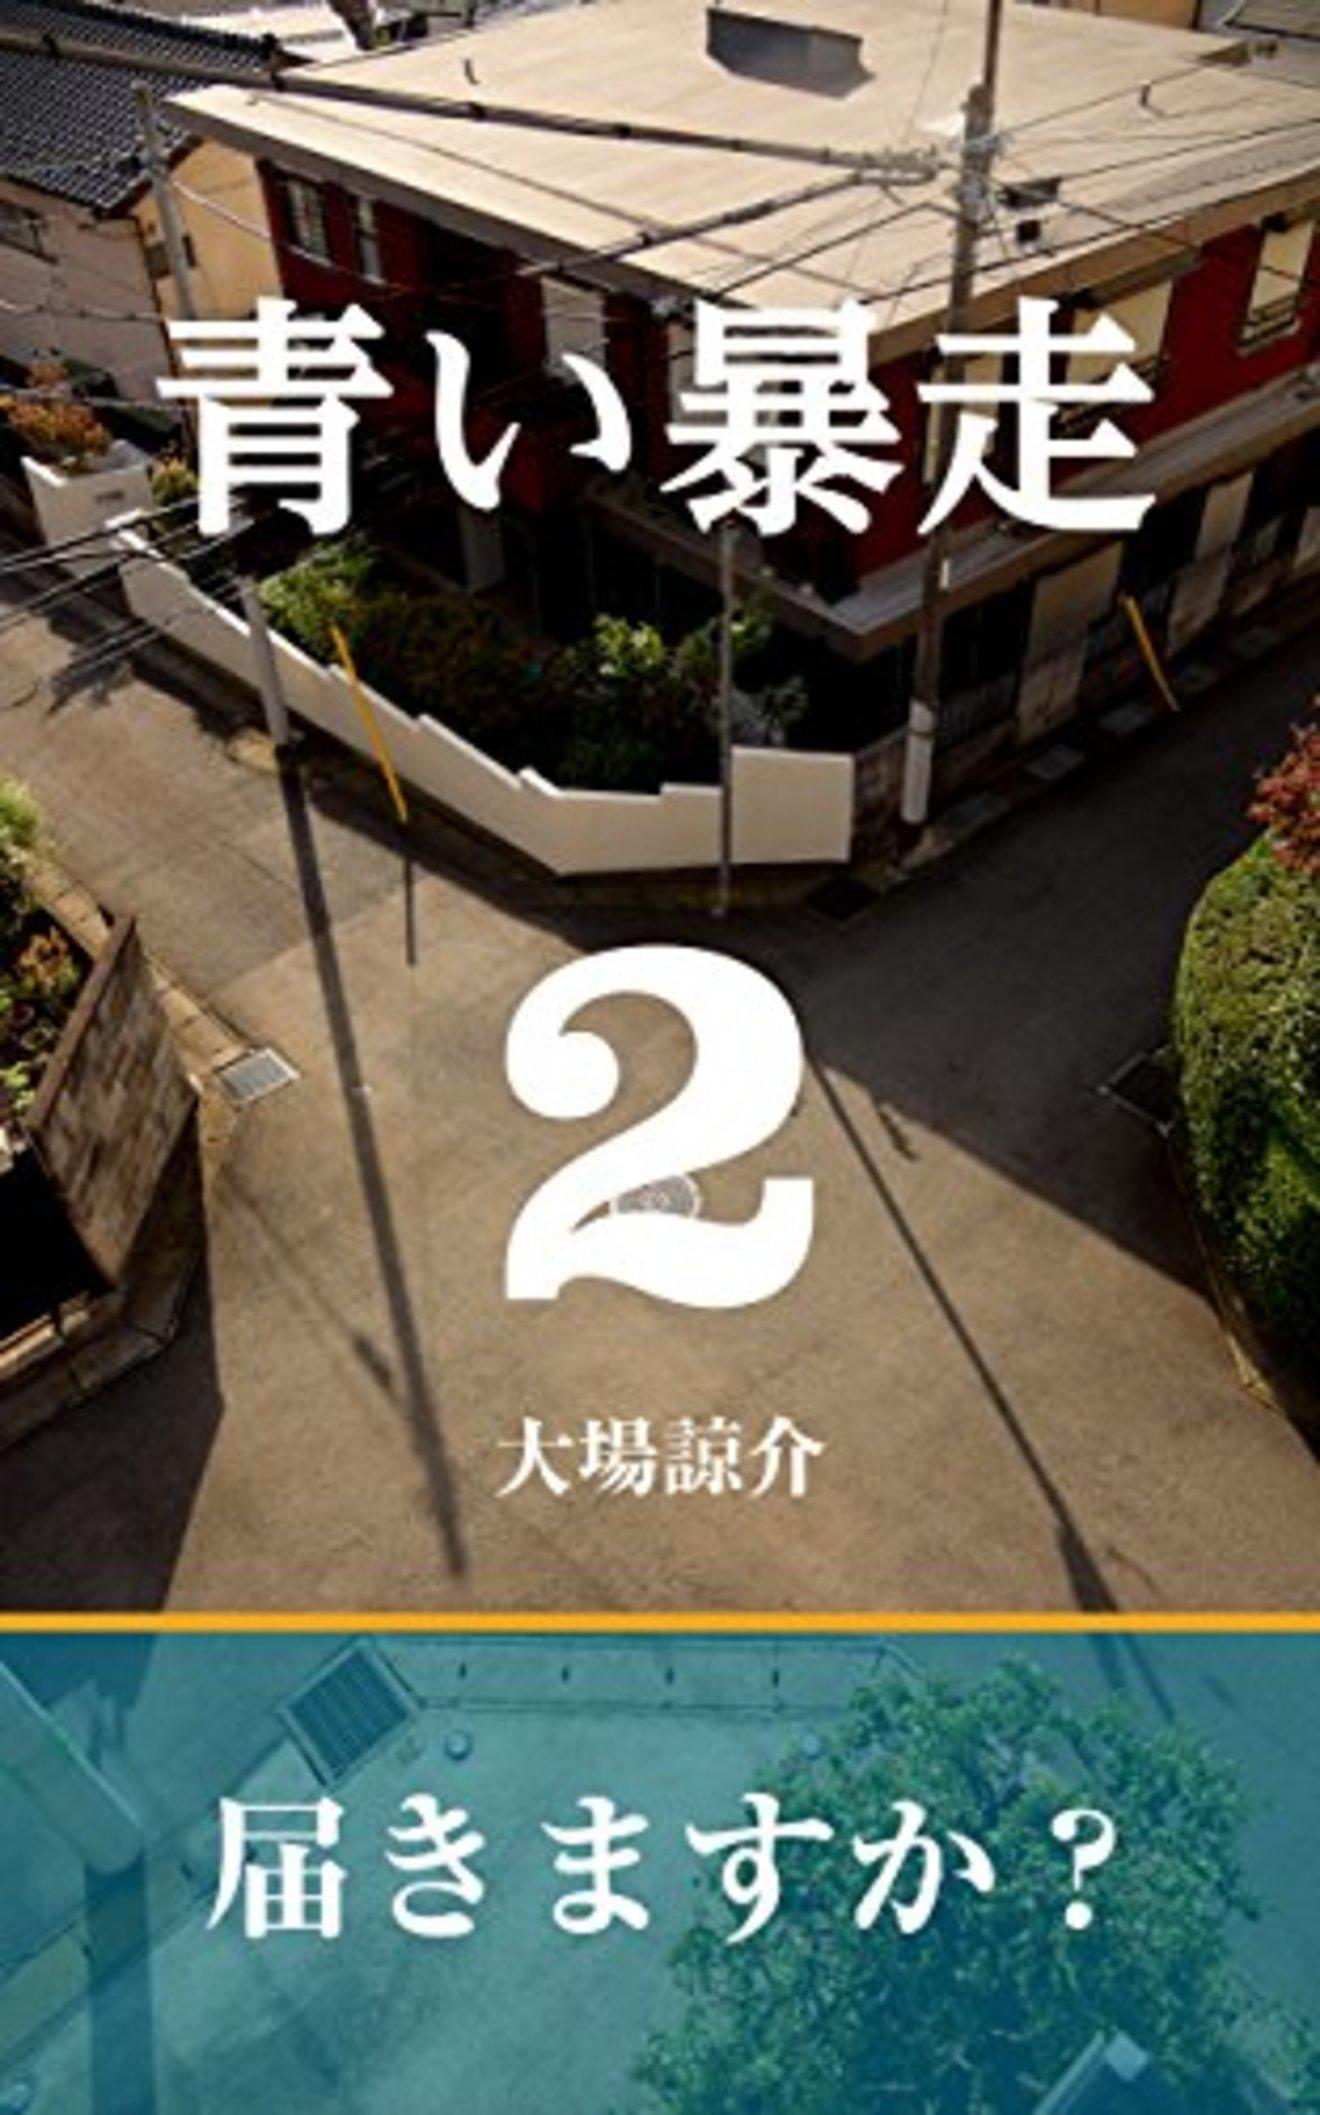 【連載小説】「CROSS ROAD」第8話【毎週土曜更新】